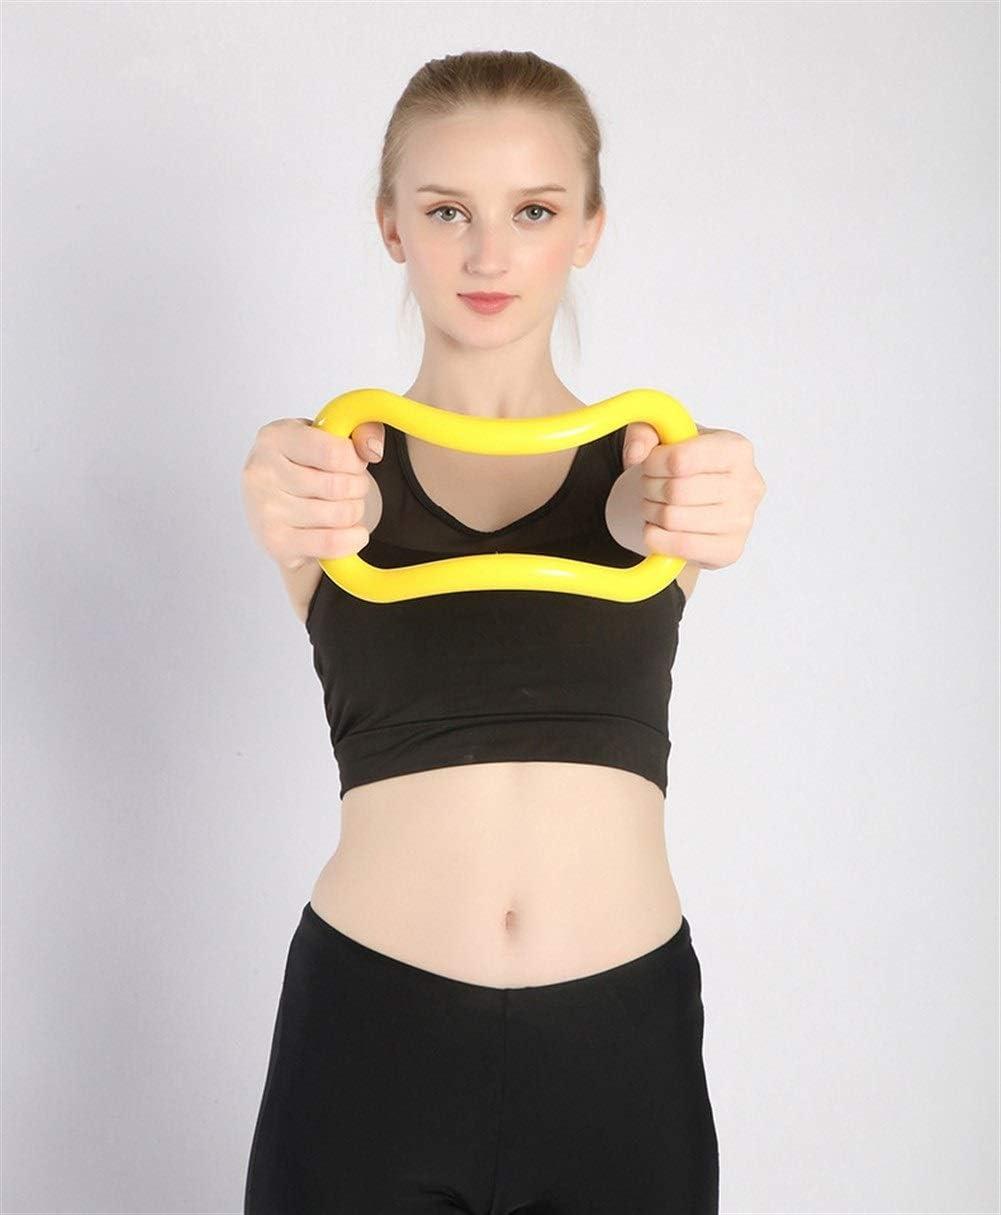 Trihedral-X Anillo de Yoga Coreano C/írculo m/ágico C/írculo de Yoga Anillo de Estiramiento de Fascia Anillo de Ejercicios Accesorios de Yoga Anillo de Pilates